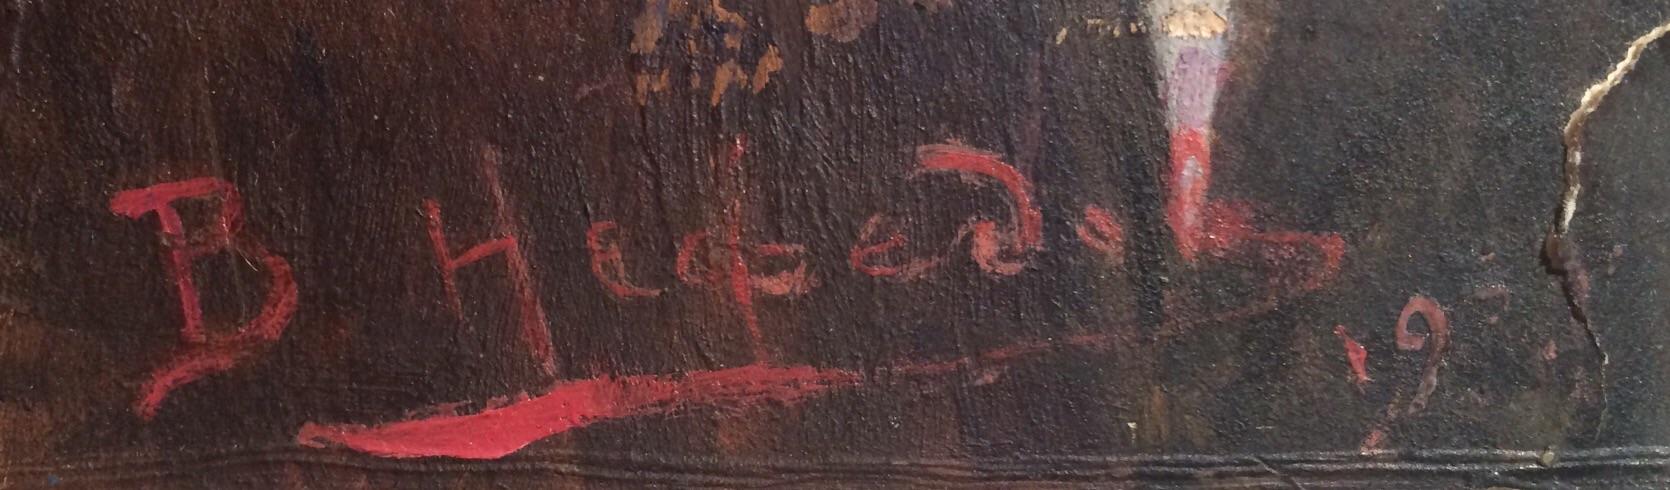 Подпись. Нефедов В. Гуляния во Фрунзенском районе Москвы в честь 300-летия воссоединения Украины с Россией